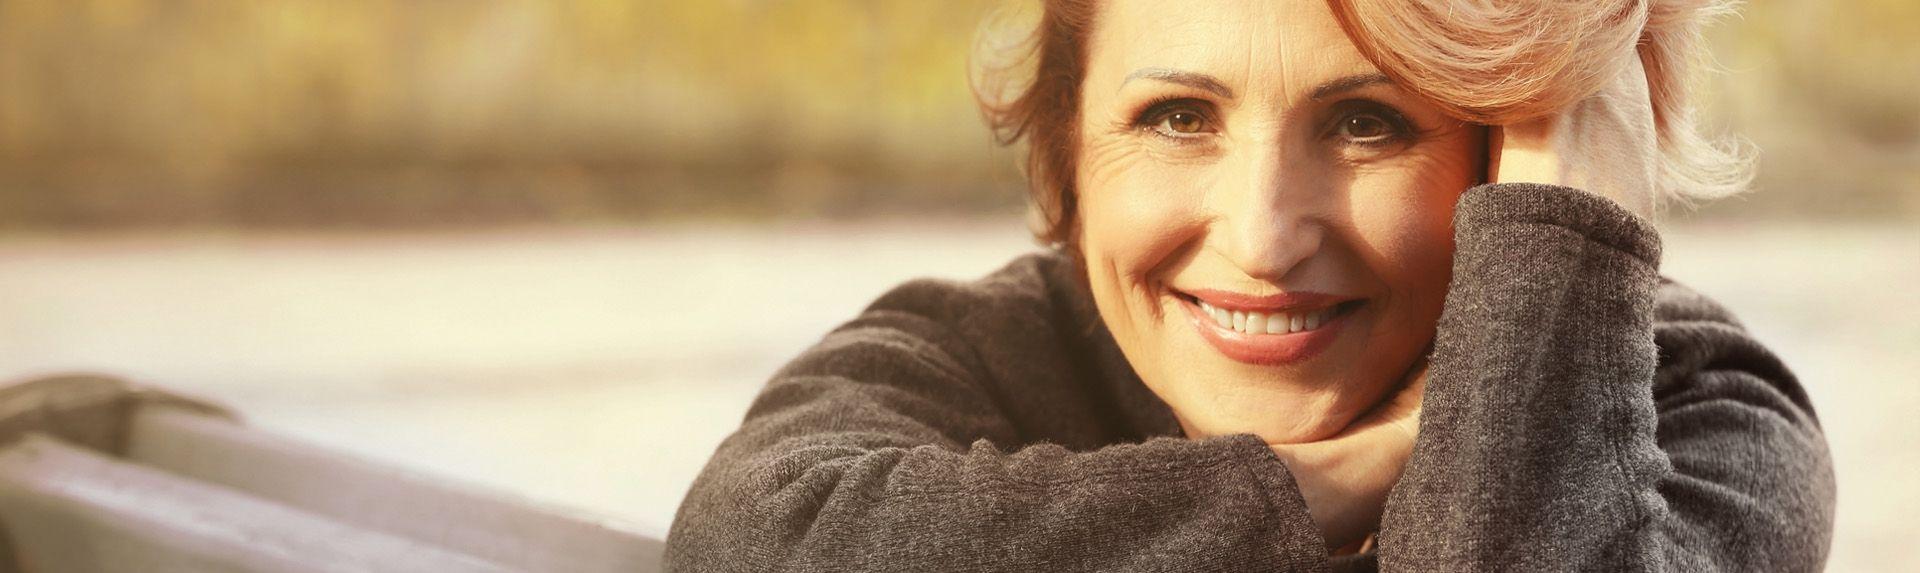 Красота и здоровье женщины после 45 лет: советы специалистов